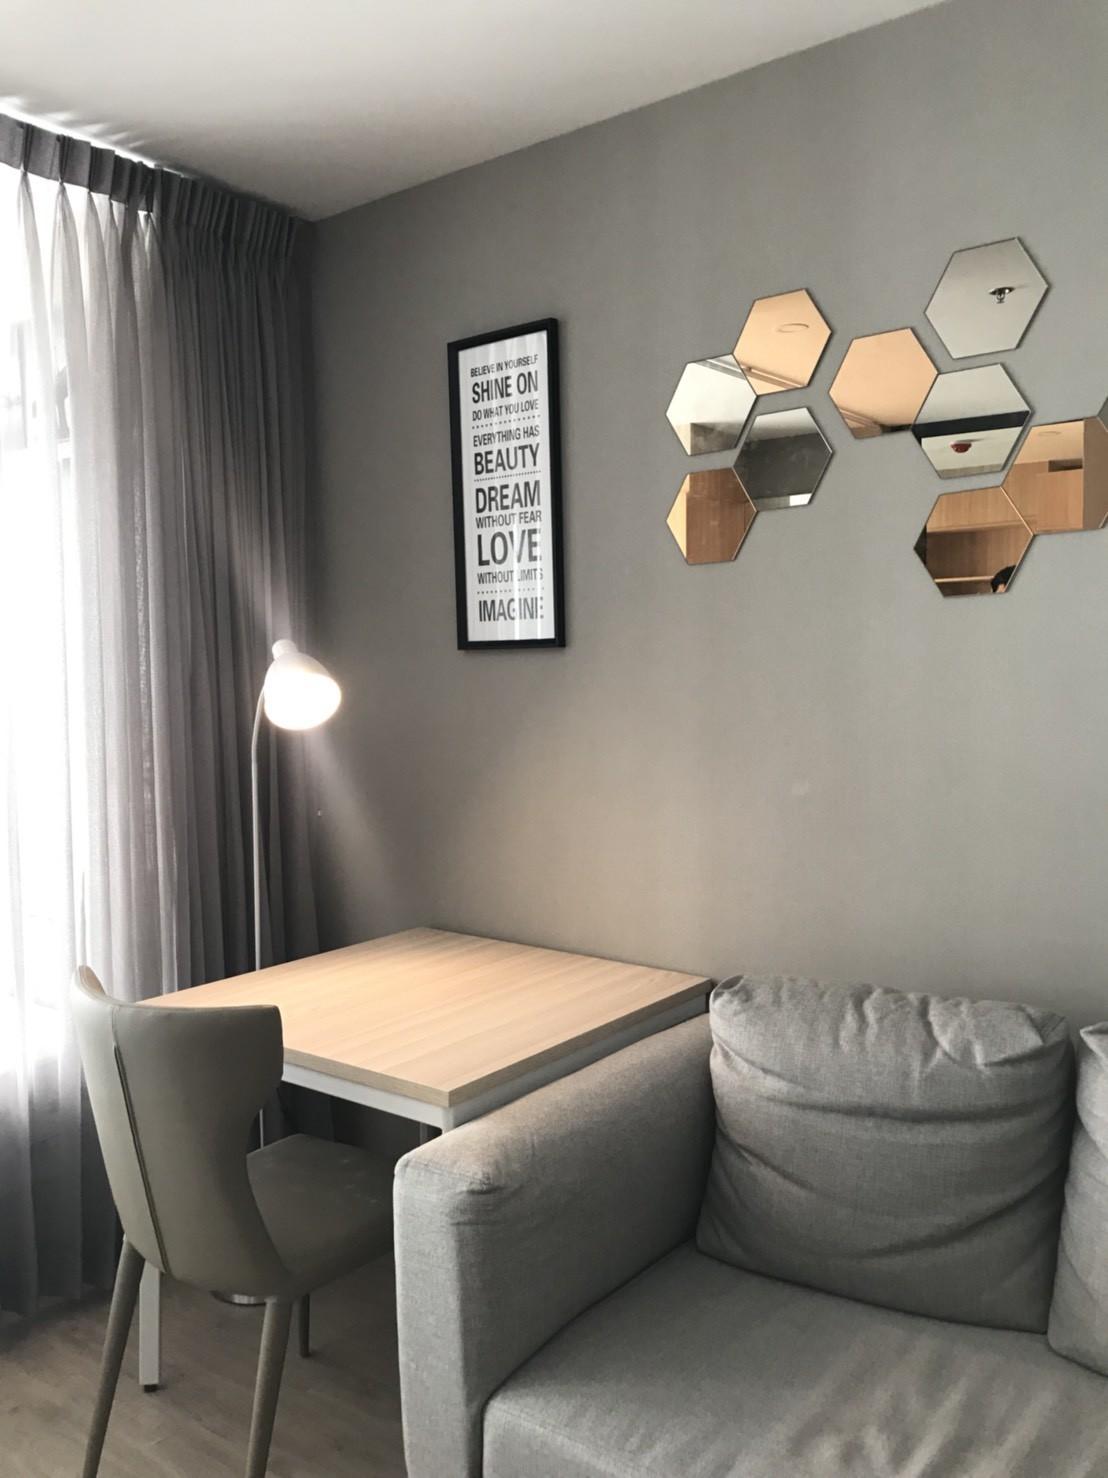 Ideo O2 ให้เช่า ห้องสวย